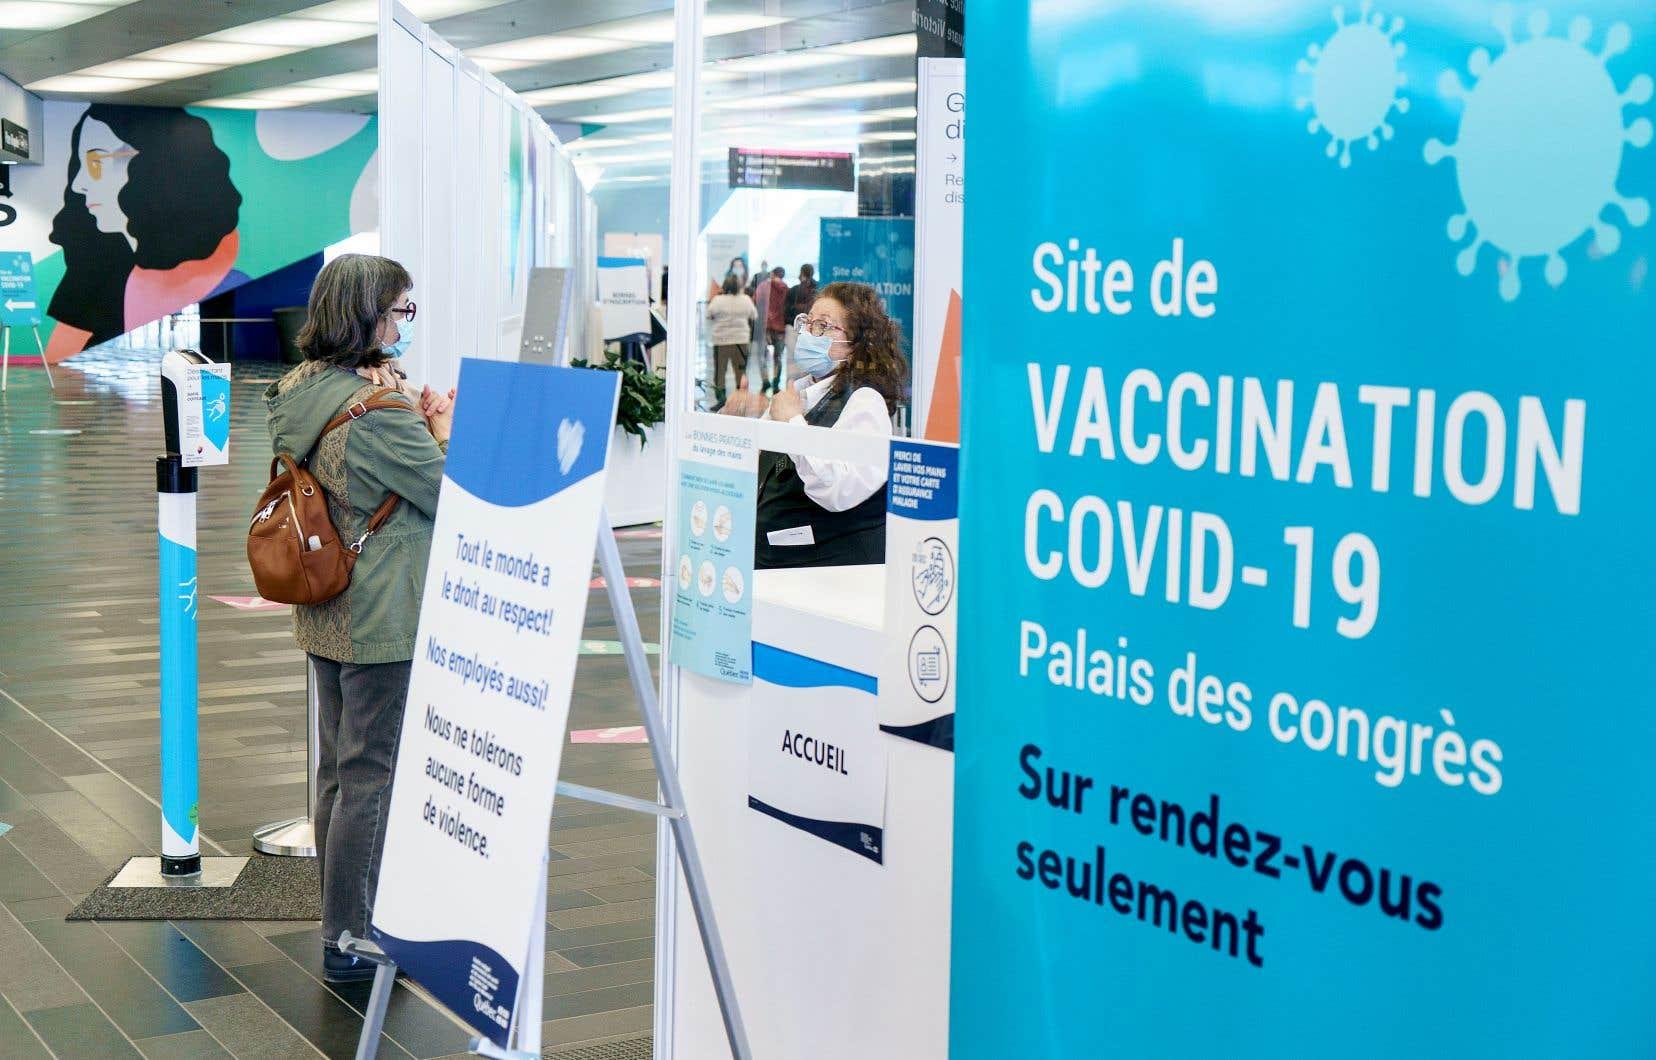 La décision de fixer l'âge d'admissibilité à 45 ans se base sur l'analyse du Comité sur l'immunisation du Québec.